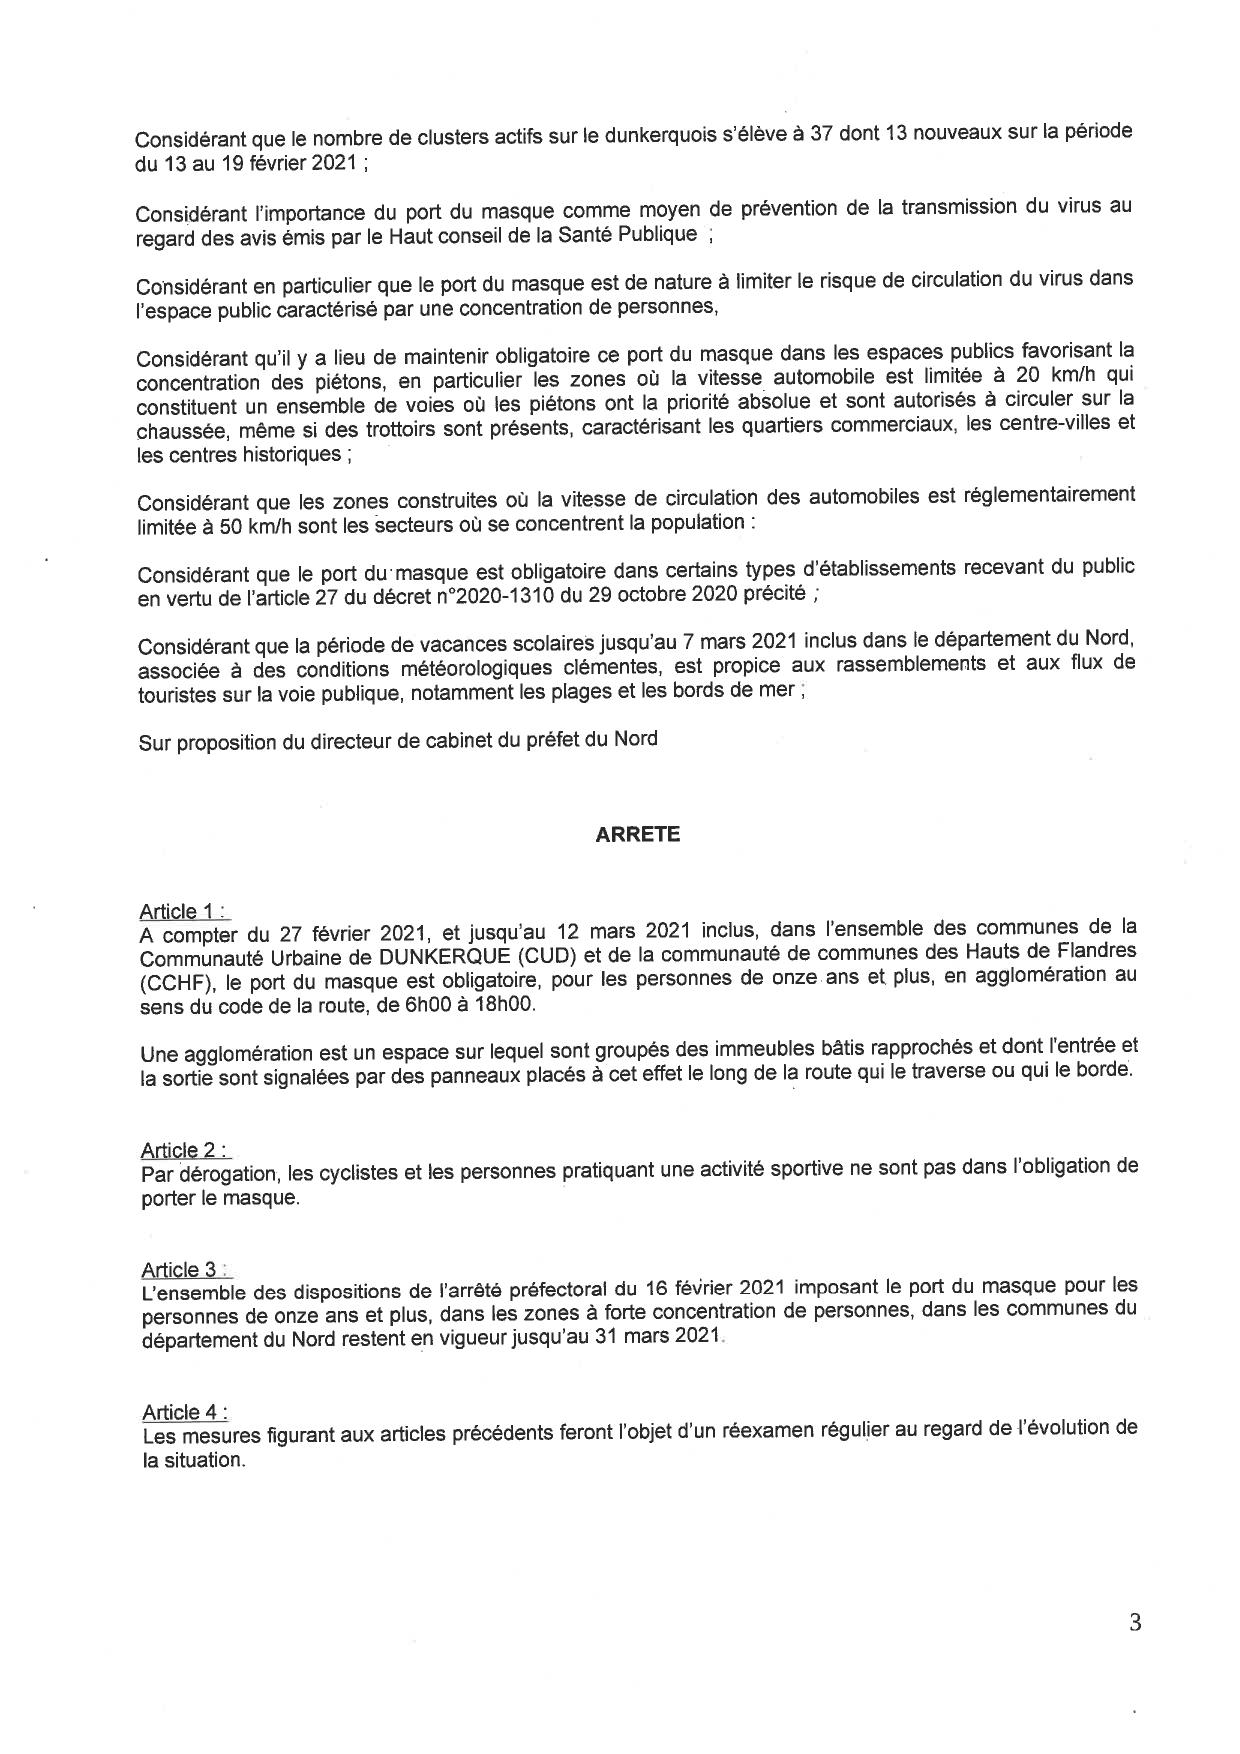 P059-20210226-Obligation_masque-cud_cchf-1_page-0003.jpg